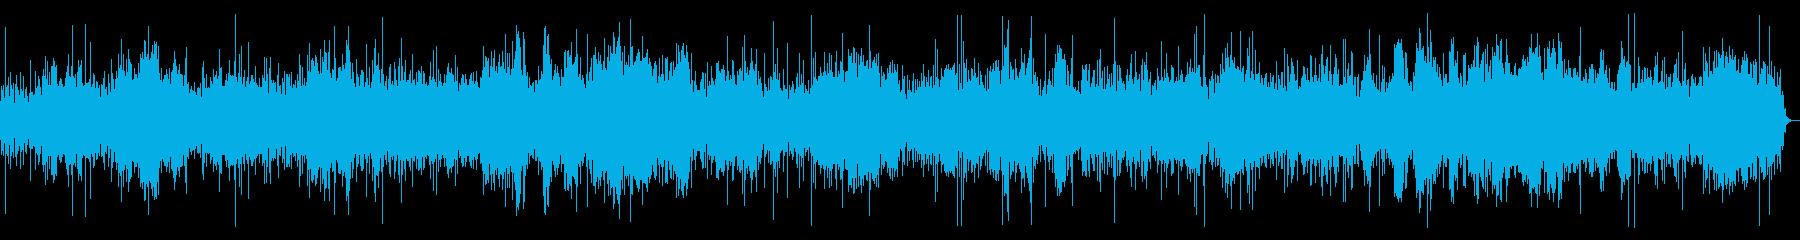 水と鳥の囀りとピアノのヒーリング曲の再生済みの波形